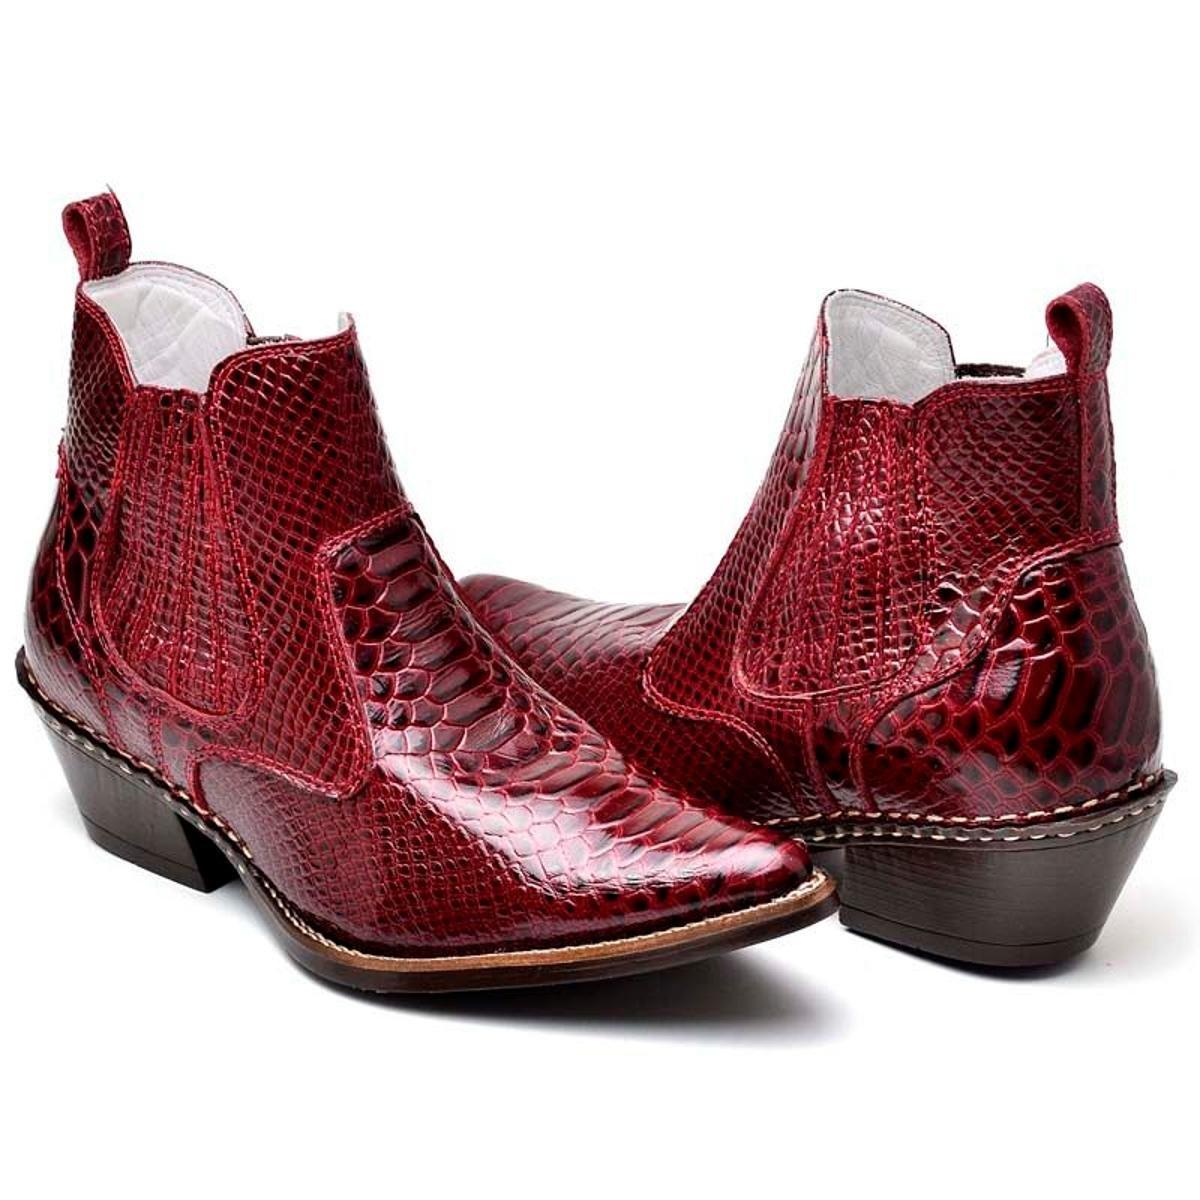 bafa959c93394 Bota Top Franca Shoes Country Masculino - Vermelho - Compre Agora ...